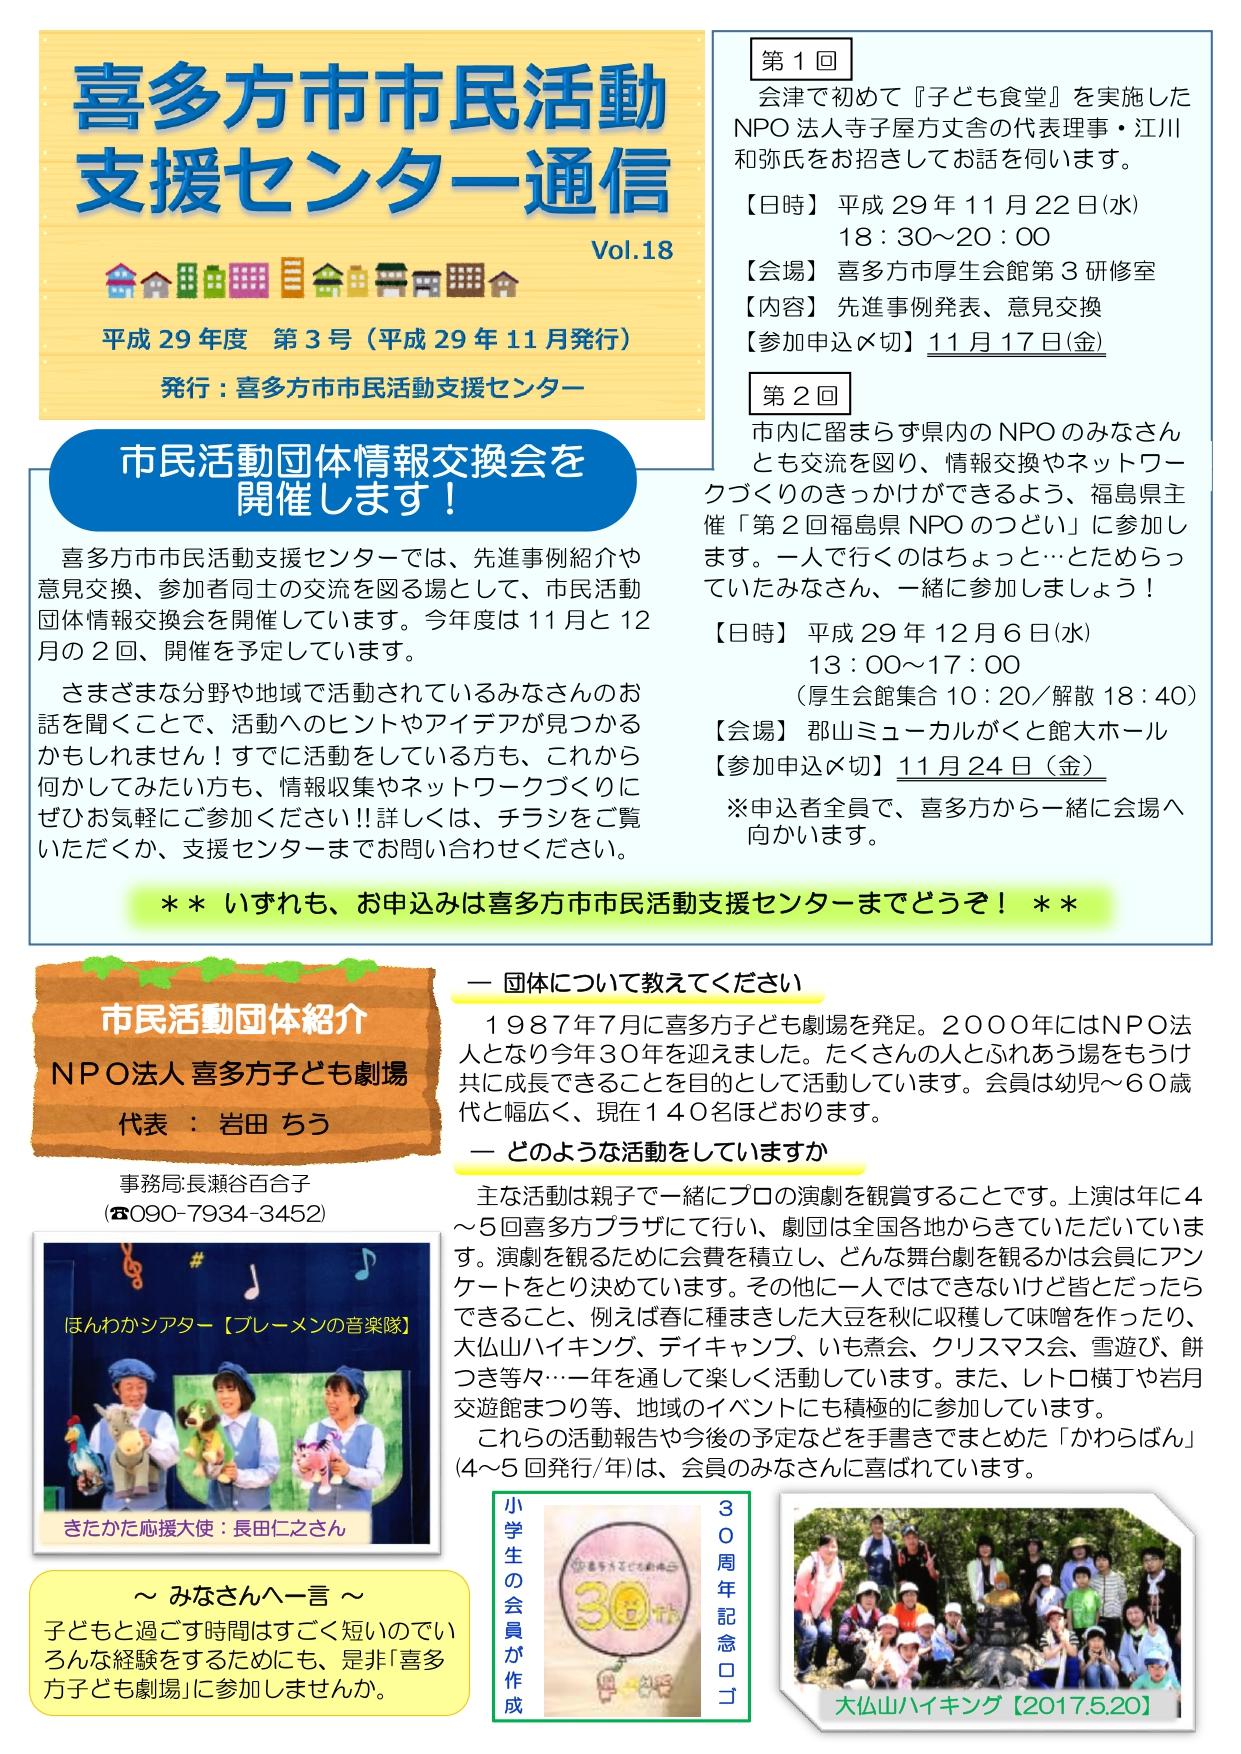 喜多方市市民活動支援センター通信 平成29年度第3号(Vol.18)